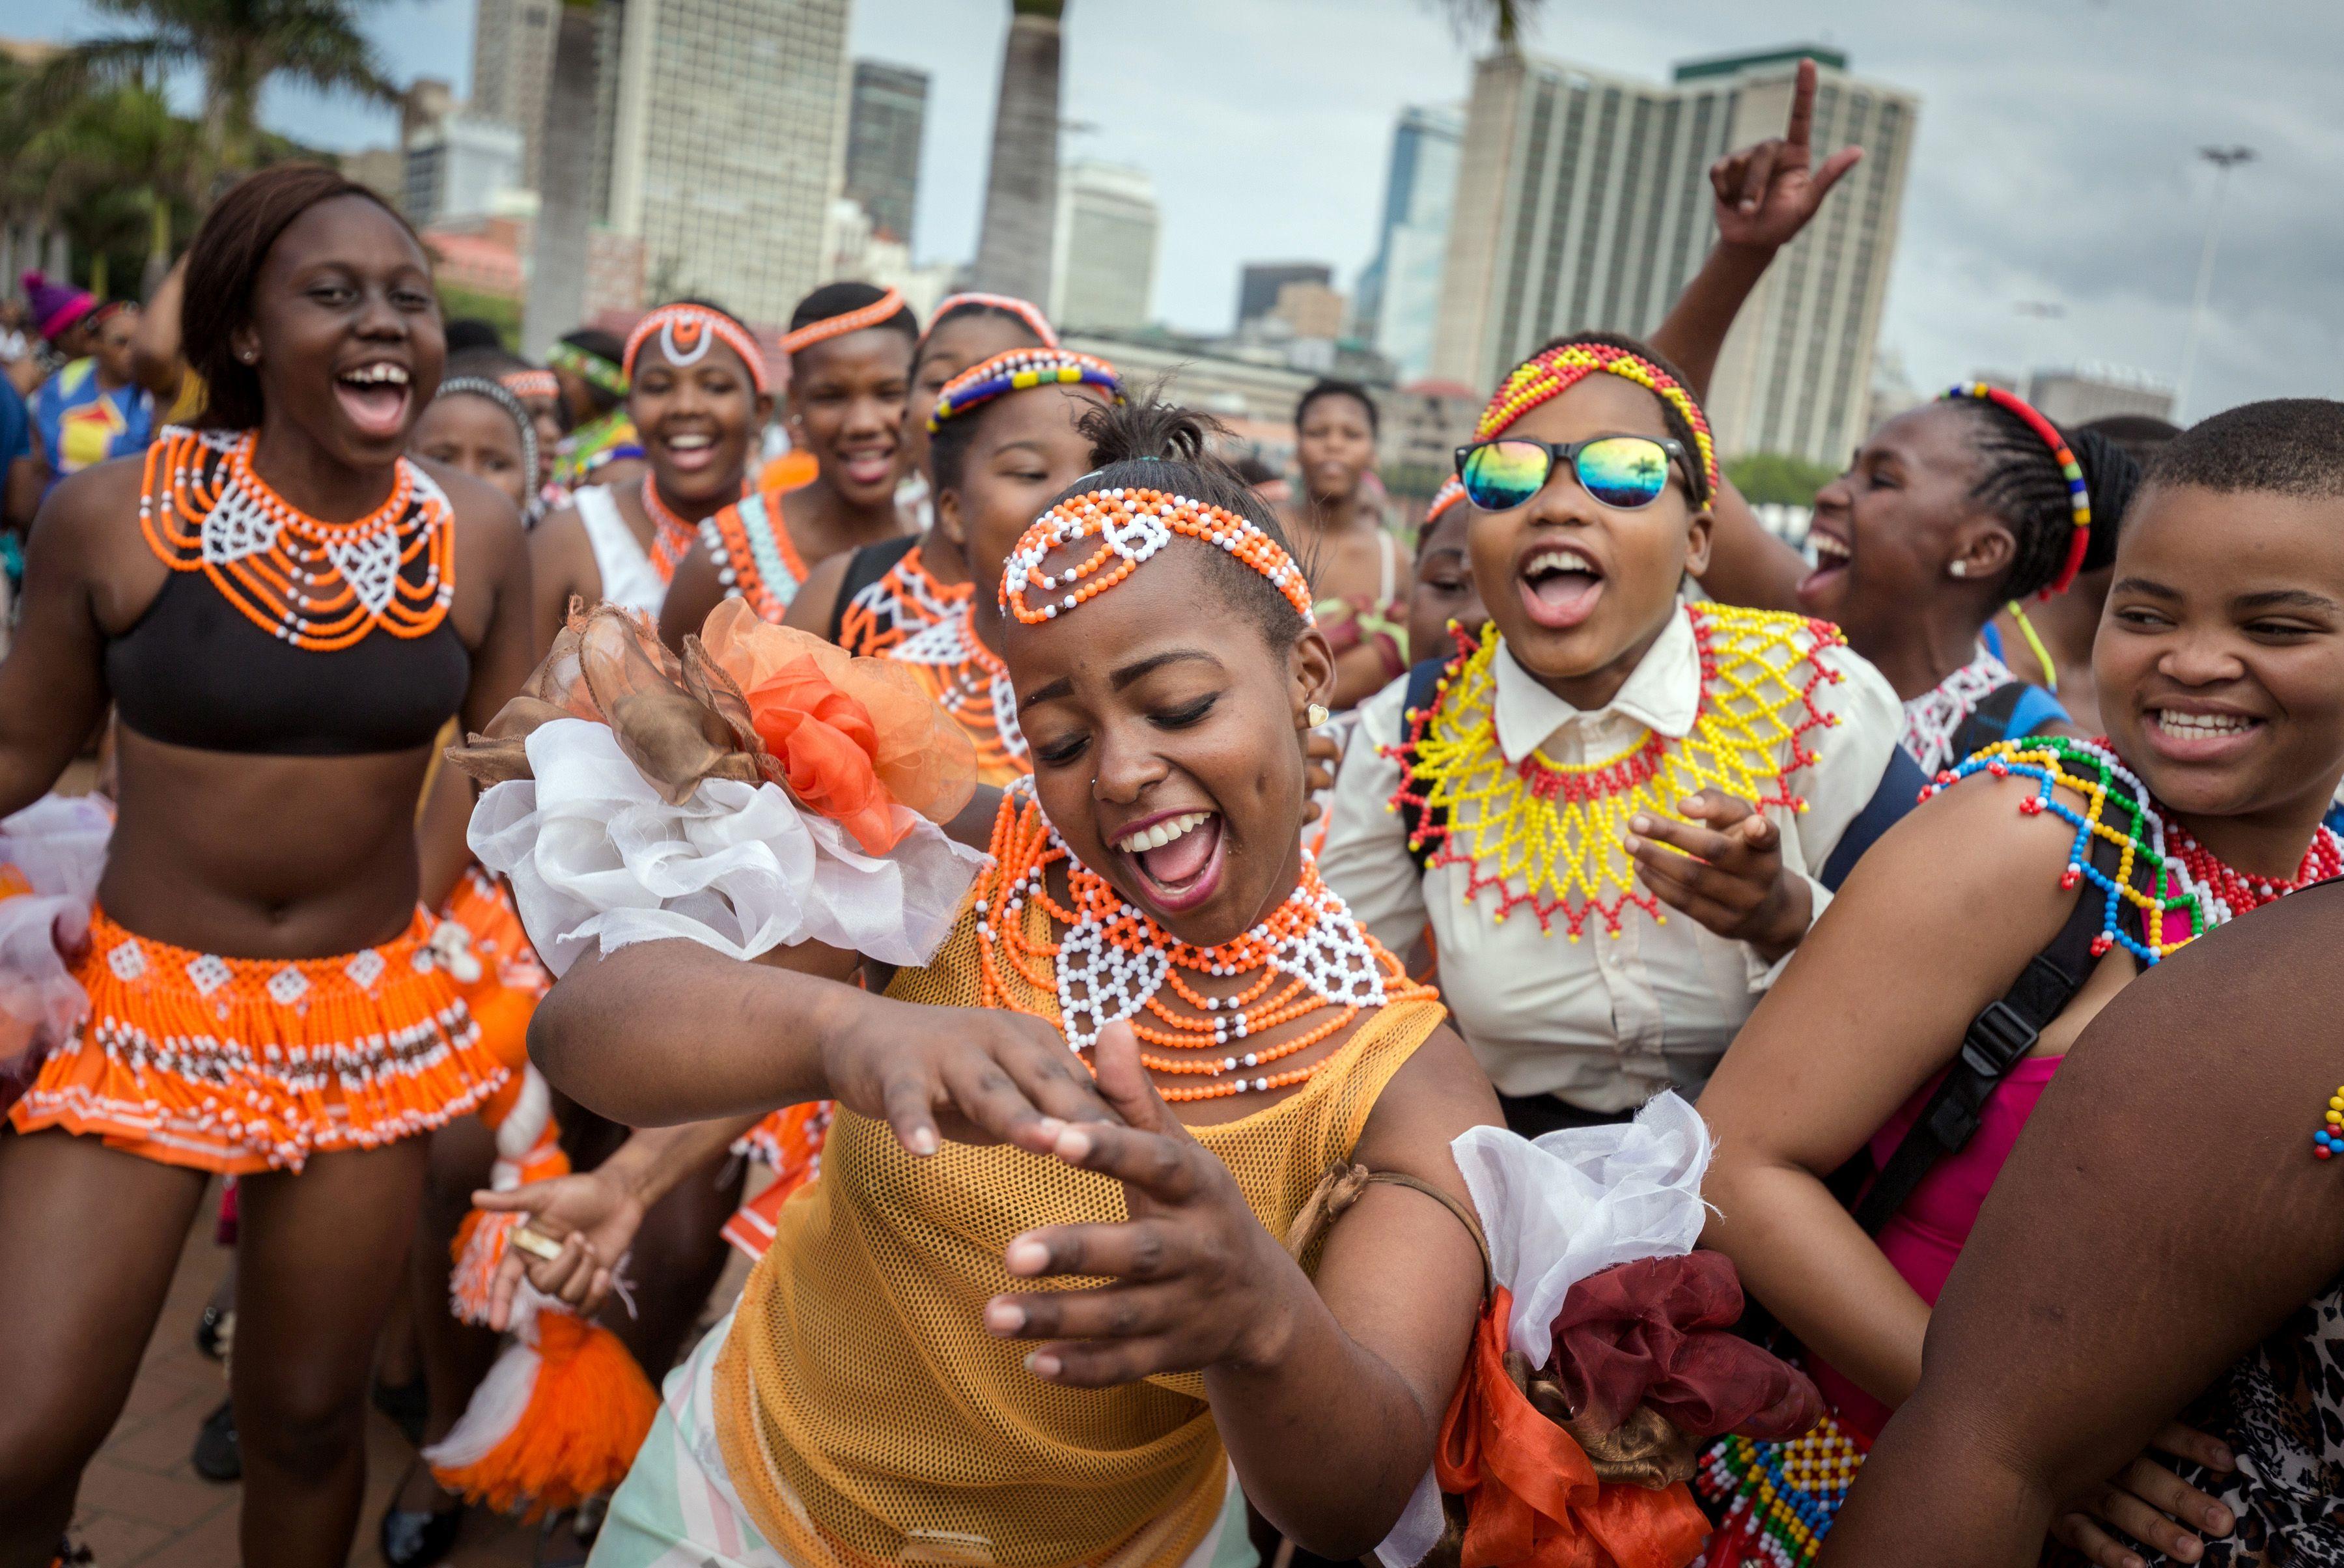 參加南非傳統舞蹈節的舞者在Durban城遊行。(Getty Images)